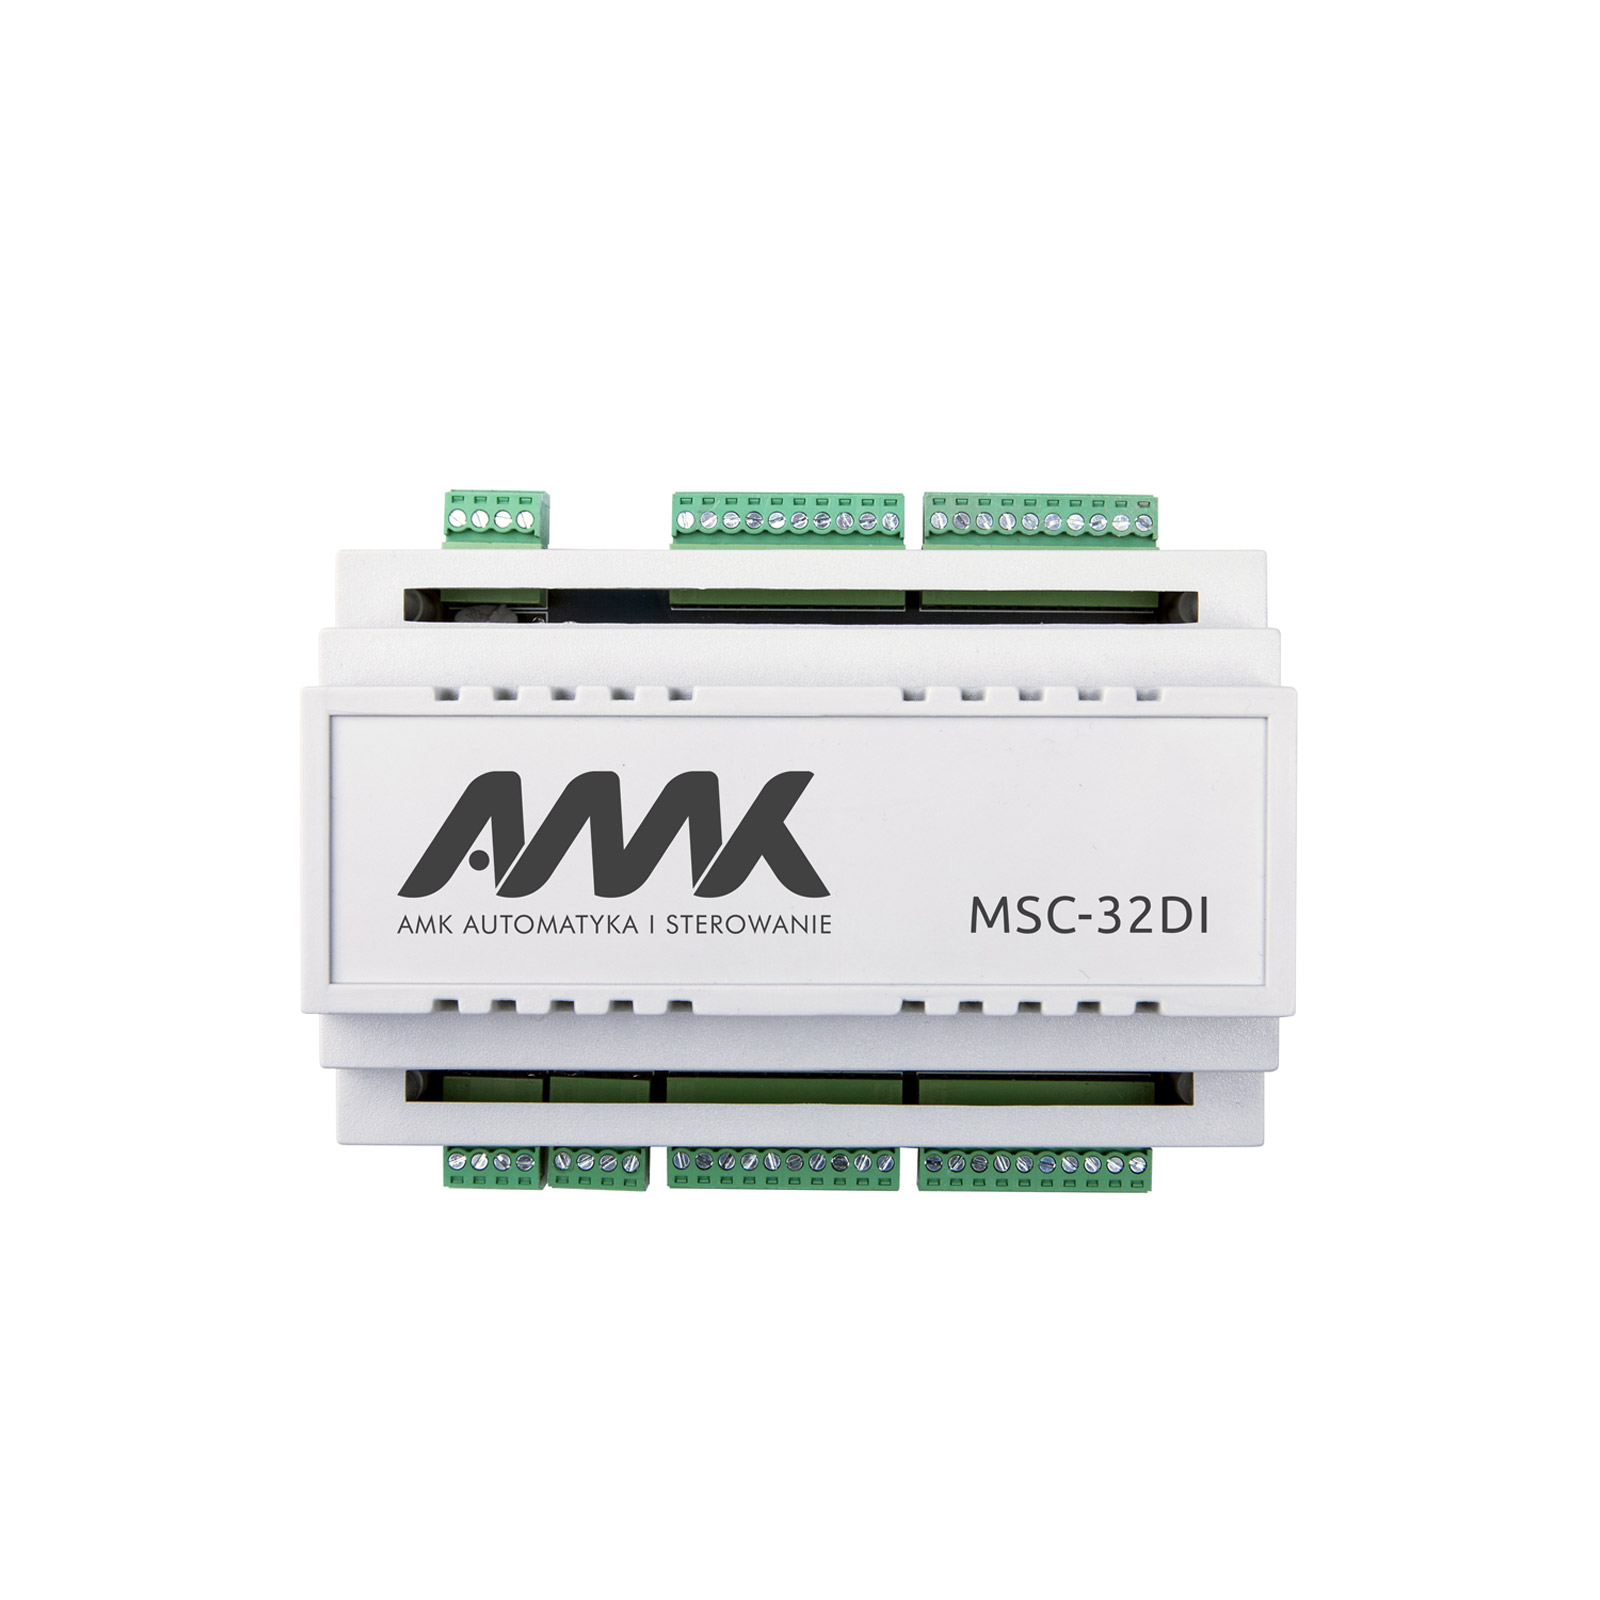 AMK- Moduł wejśc cyfrowych MSC-32DI